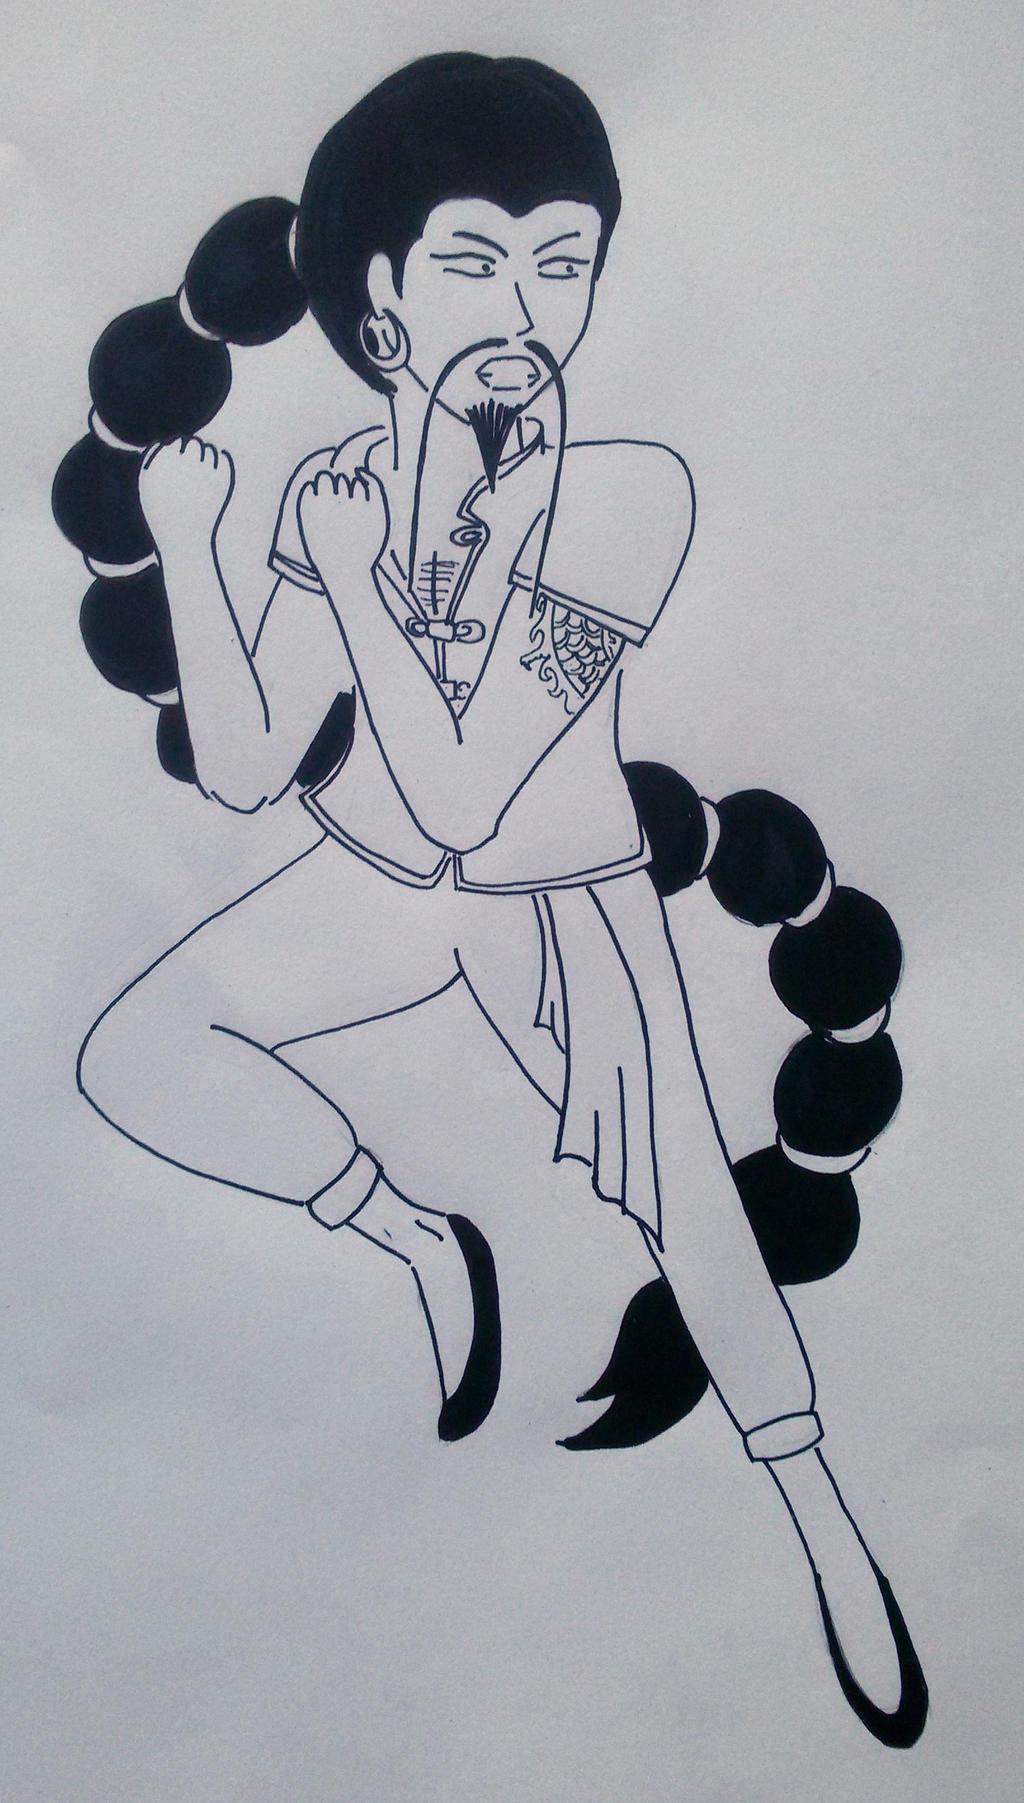 Chinese man by saramarconato